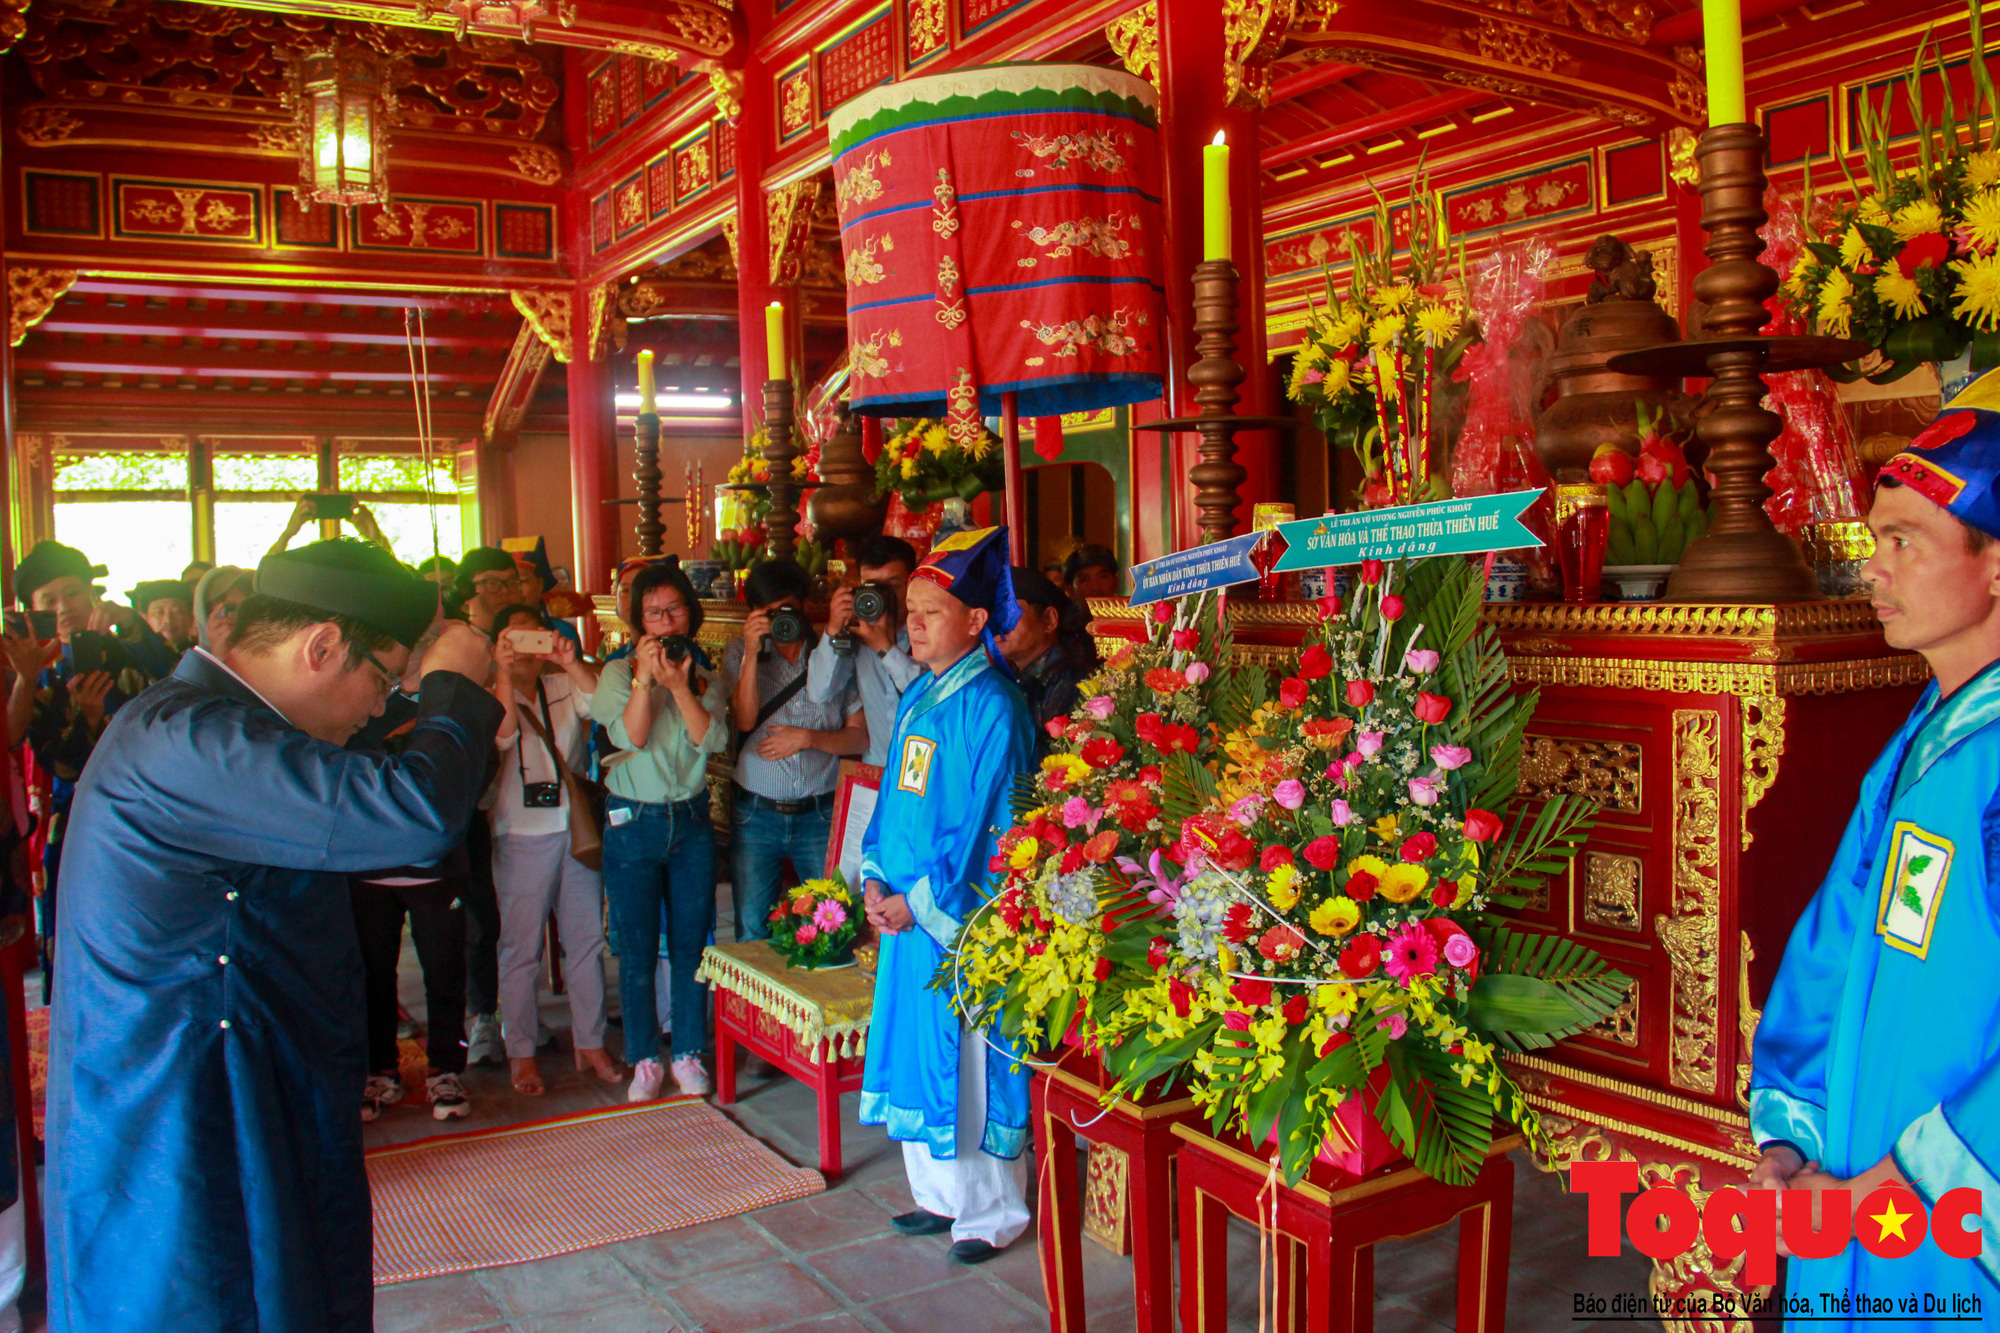 Hàng trăm tà áo dài diễu hành trên phố tri ân chúa Nguyễn Phúc Khoát - Ảnh 8.